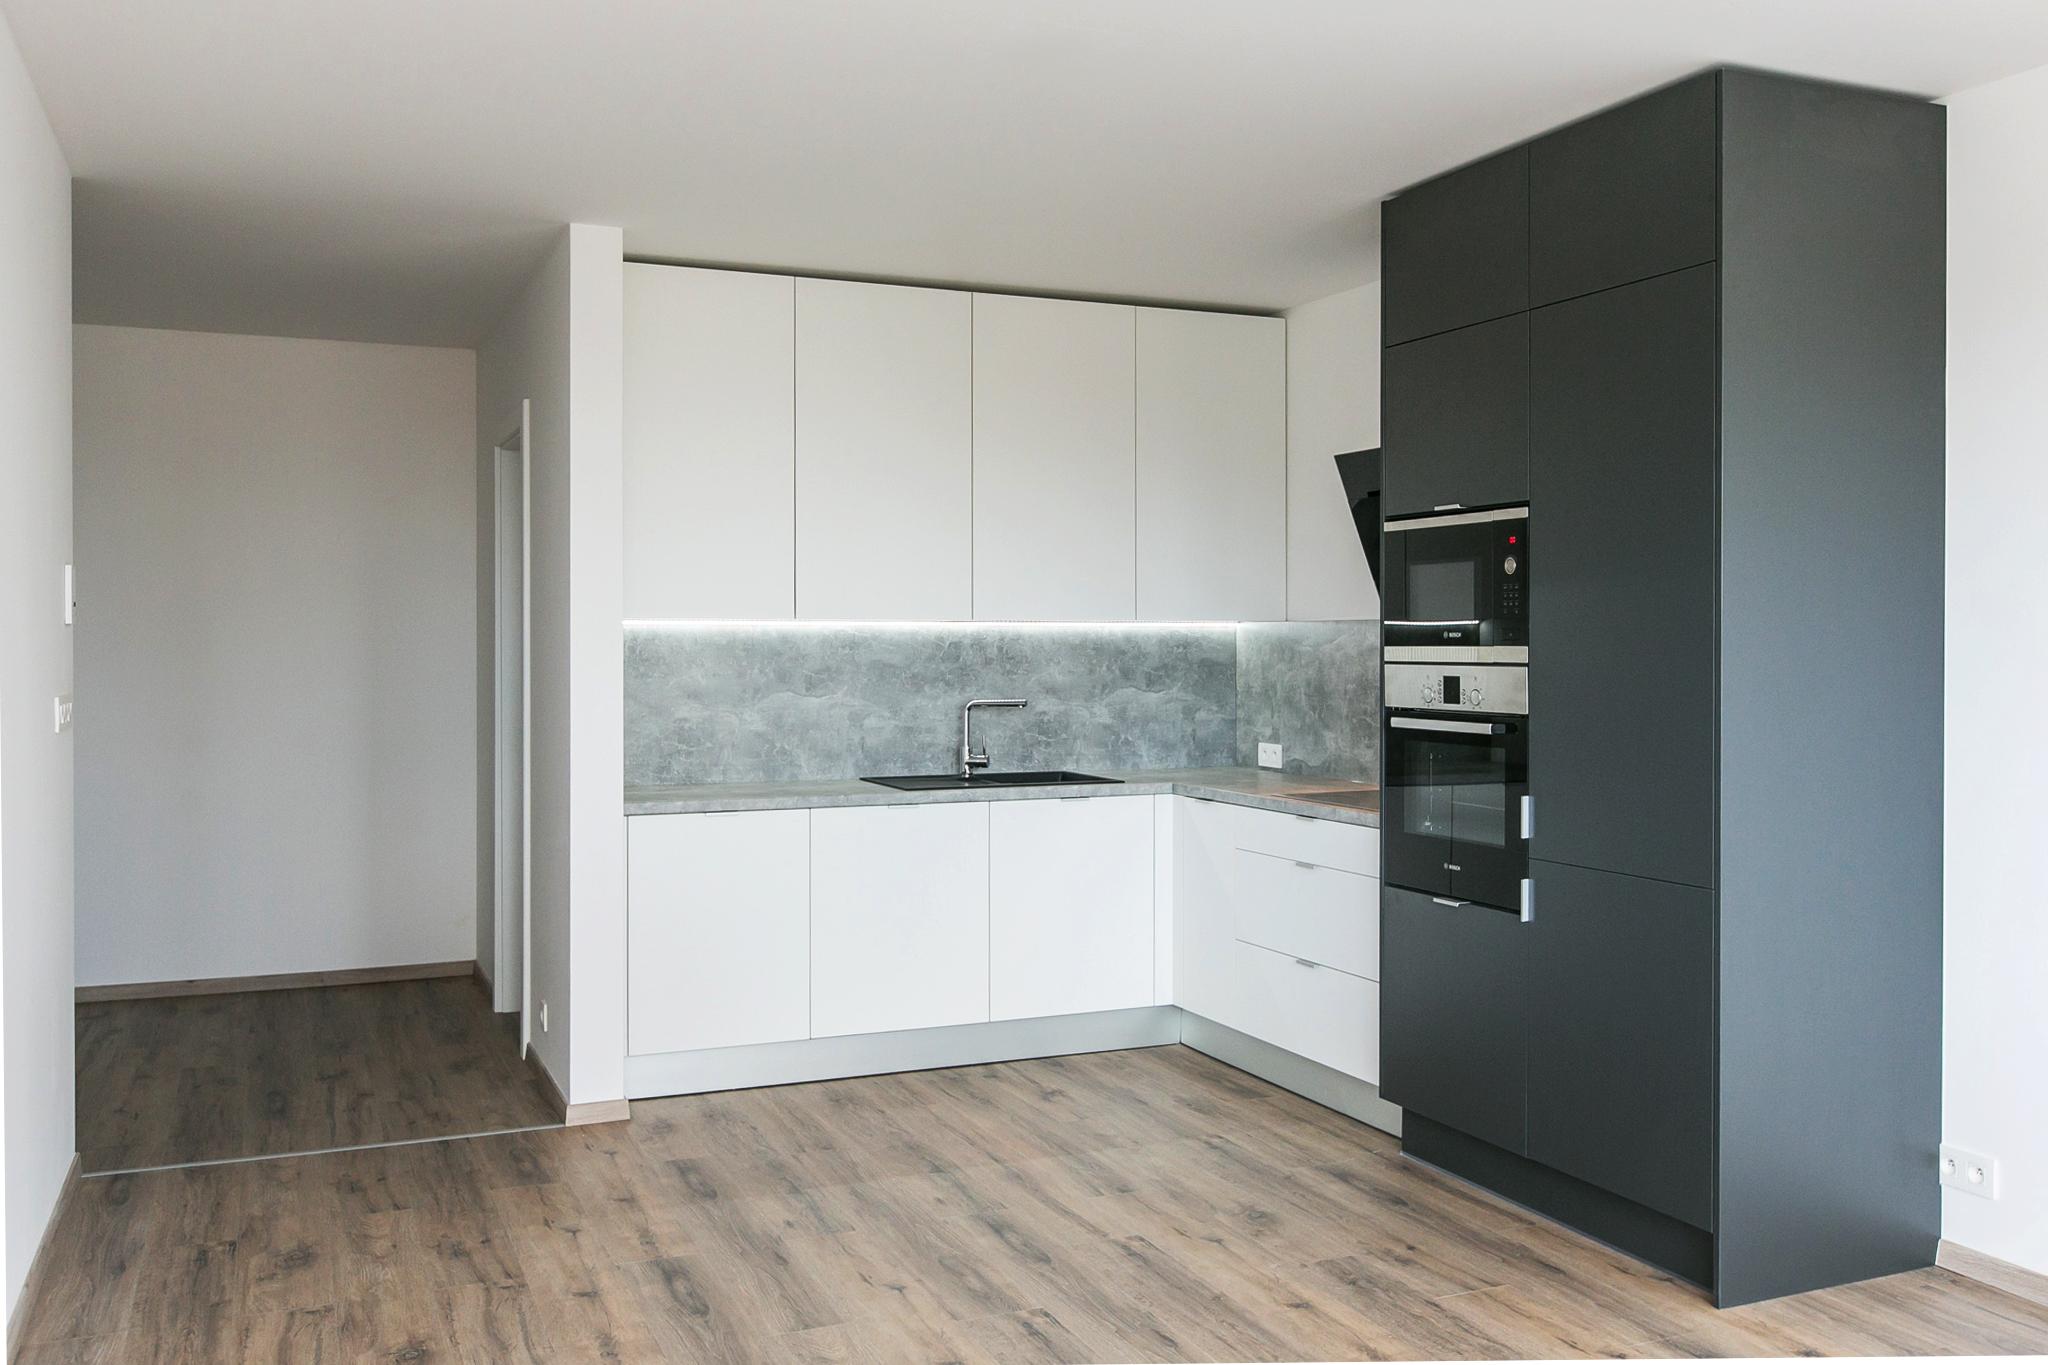 Malé Krasňany BD5 - realizácia kuchyne - 2-izbový byt